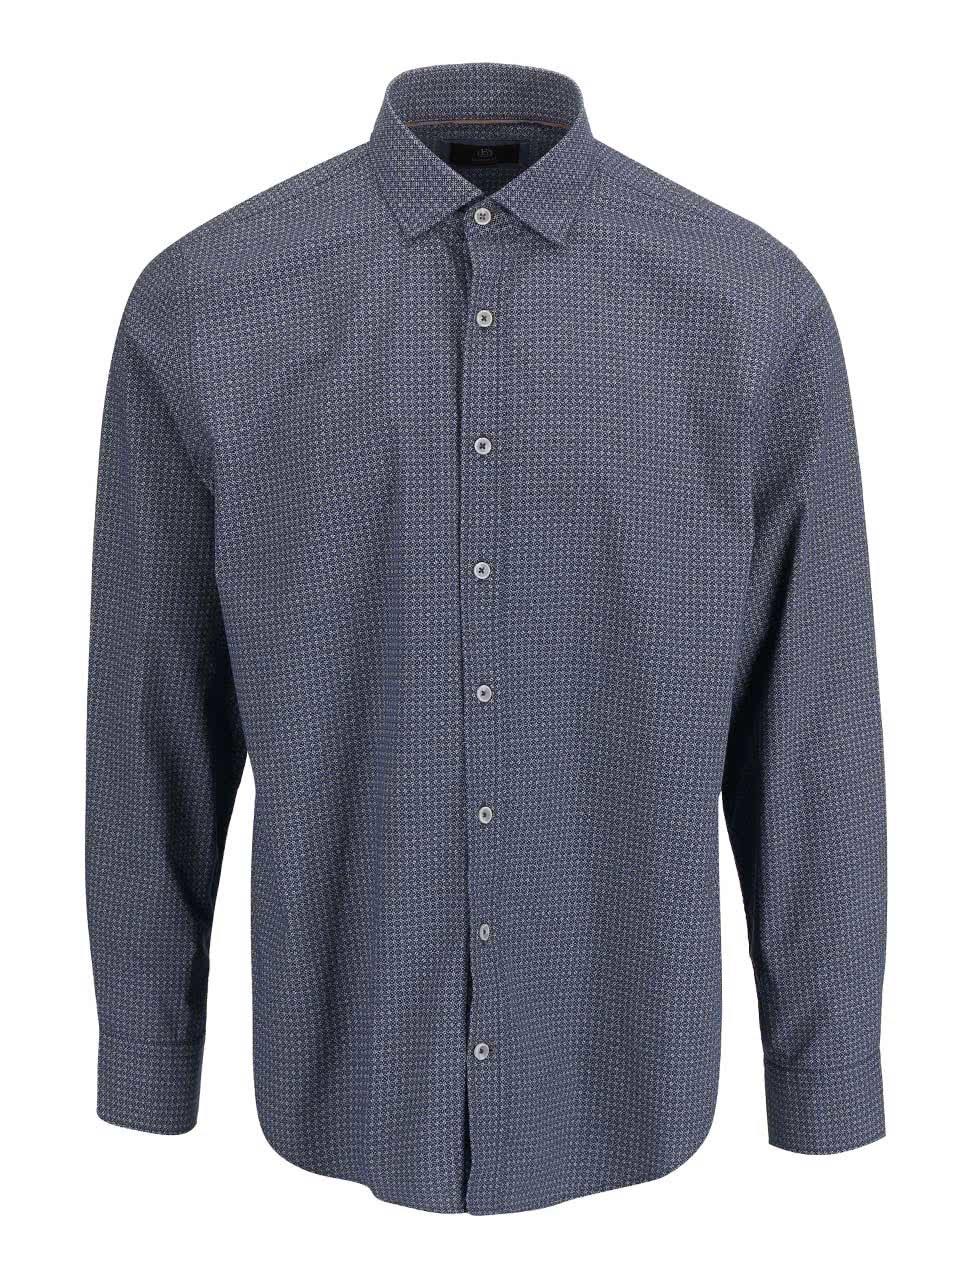 34506b7f0977 Modrá pánska košeľa s drobným vzorom bugatti ...